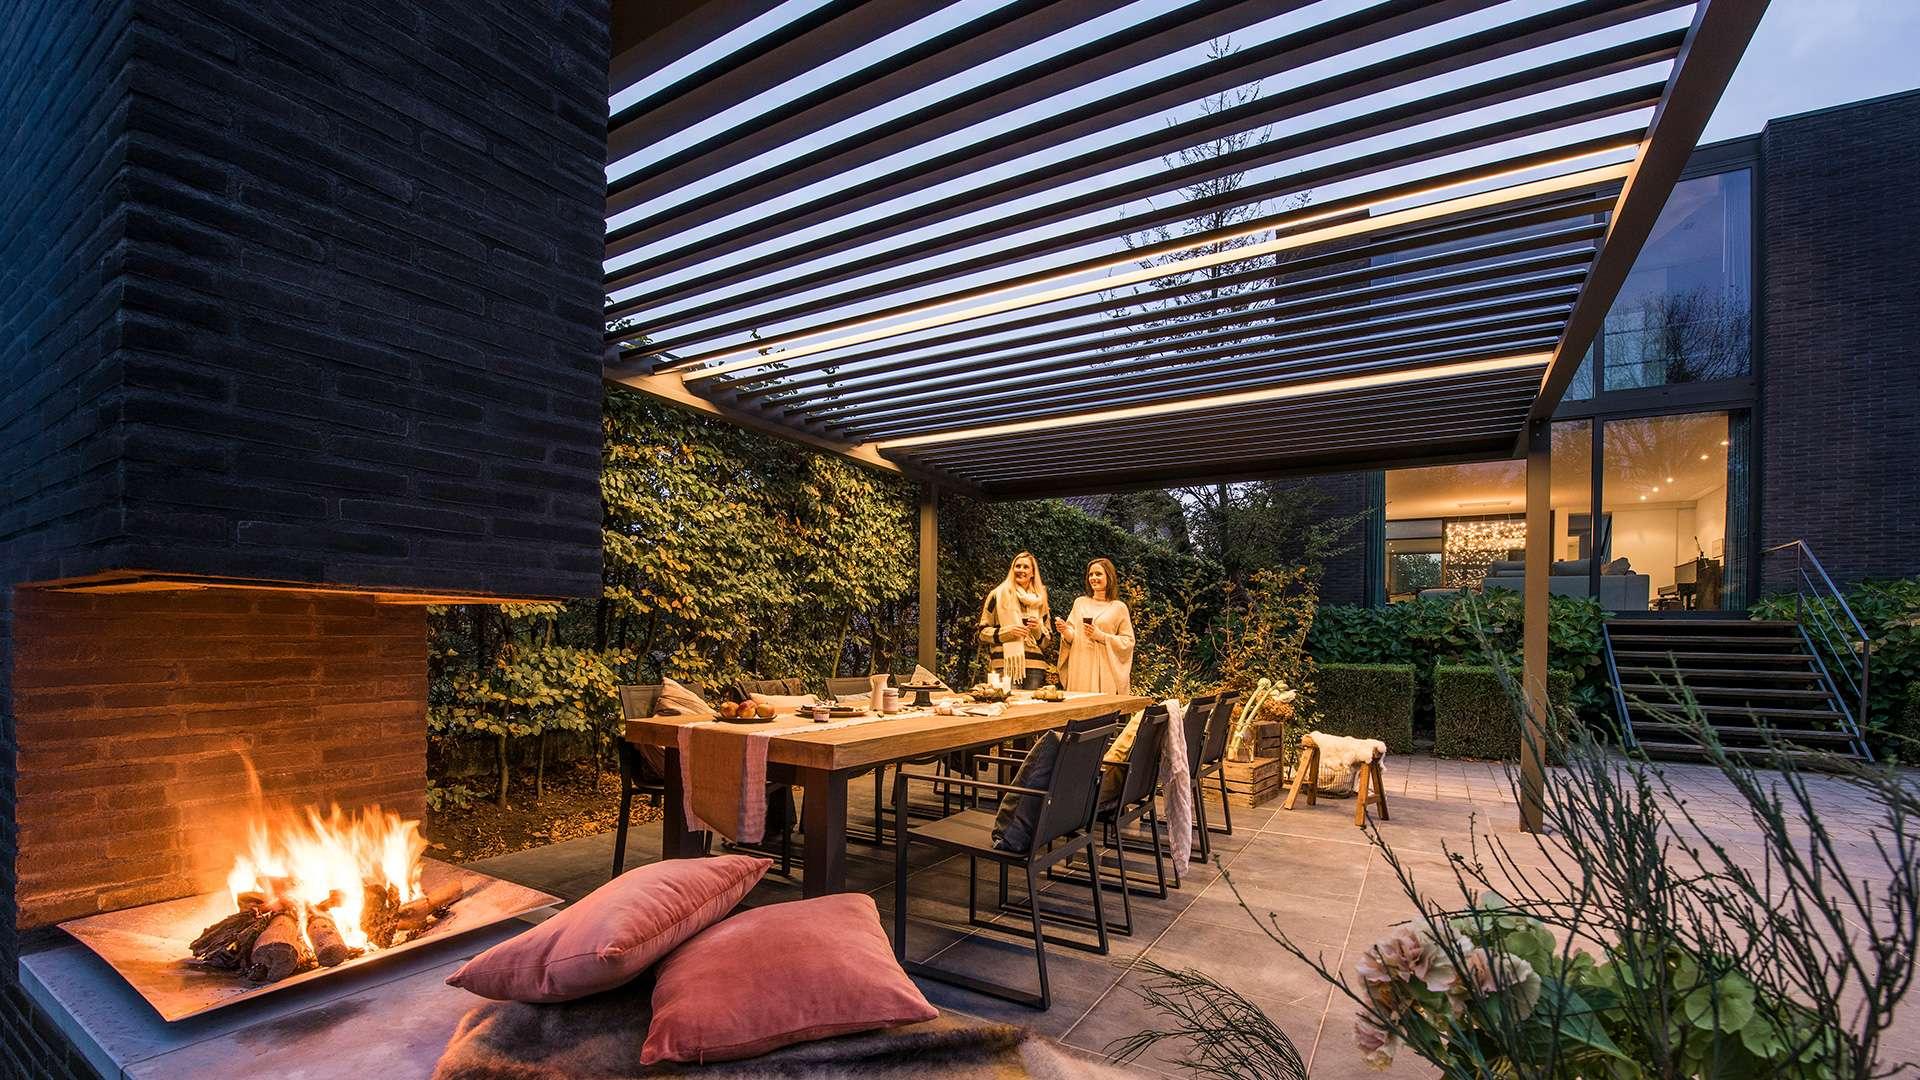 Lamellendach über einem Esstisch und einem Kamin auf einer Terrasse